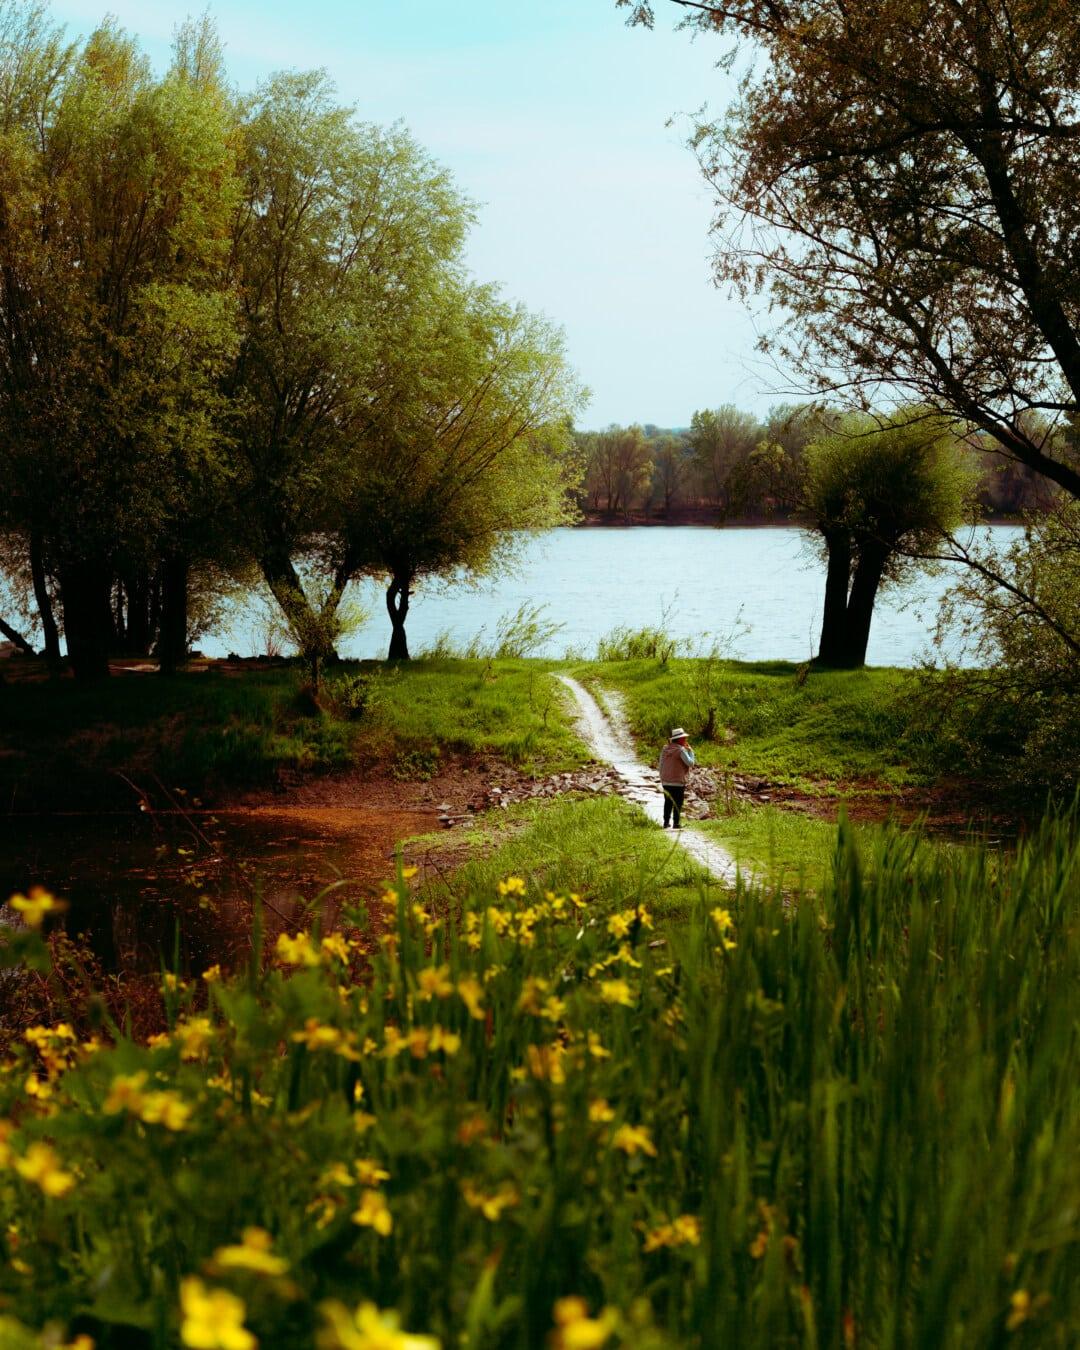 rural, paysage, herbe, arbre, aube, nature, Lac, feuille, eau, bois